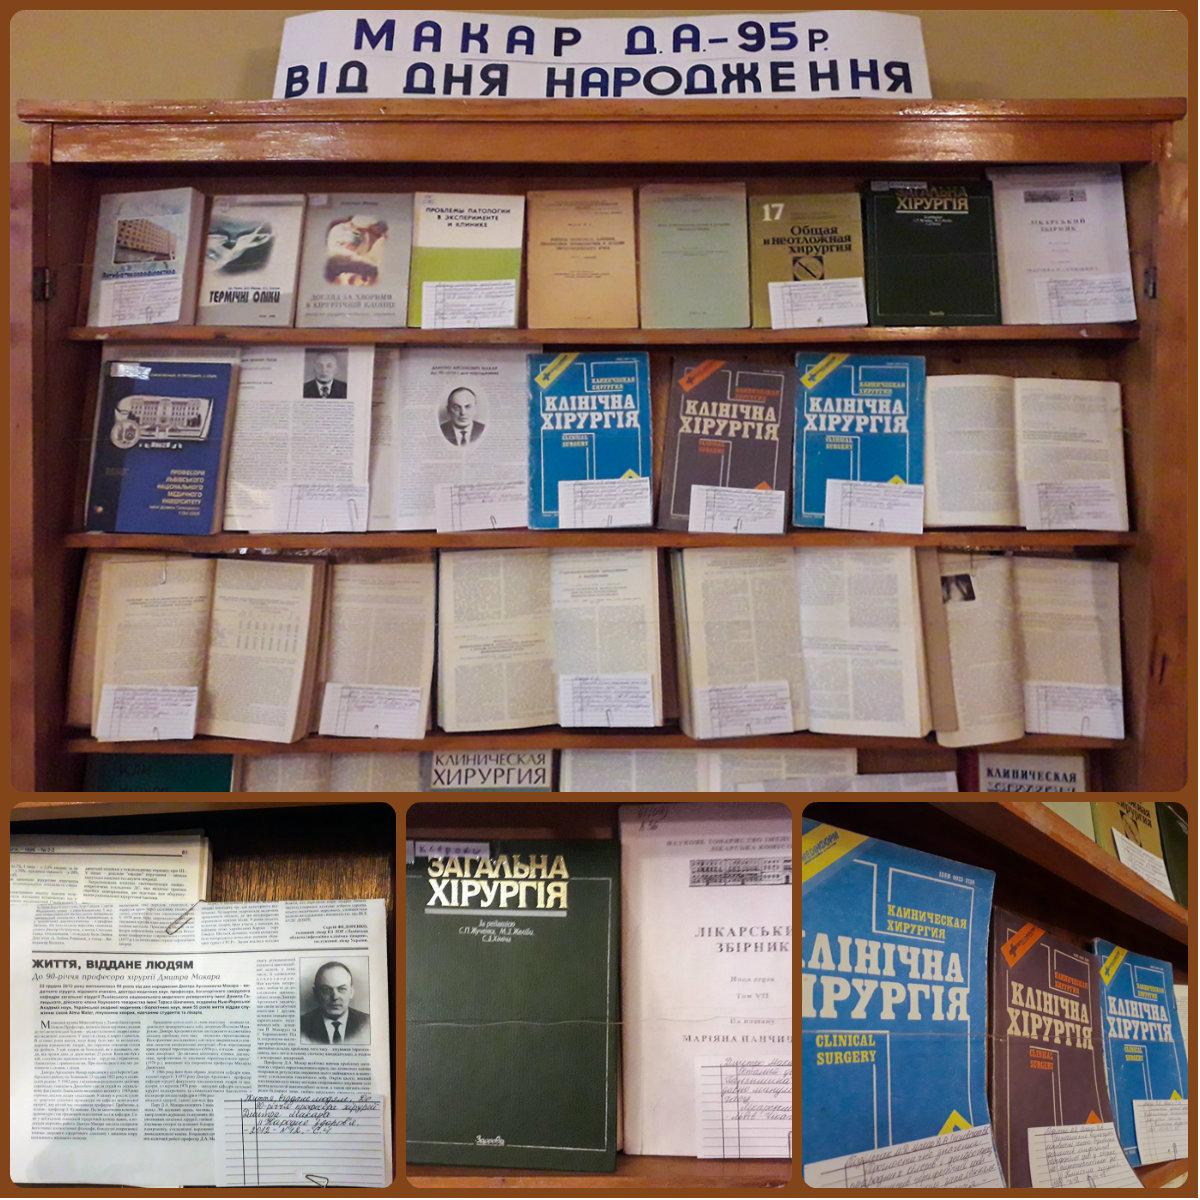 Книжкова виставка, присвячена ювілею професора Д. А. Макара, відкрита у загальному читальному залі Наукової бібліотеки